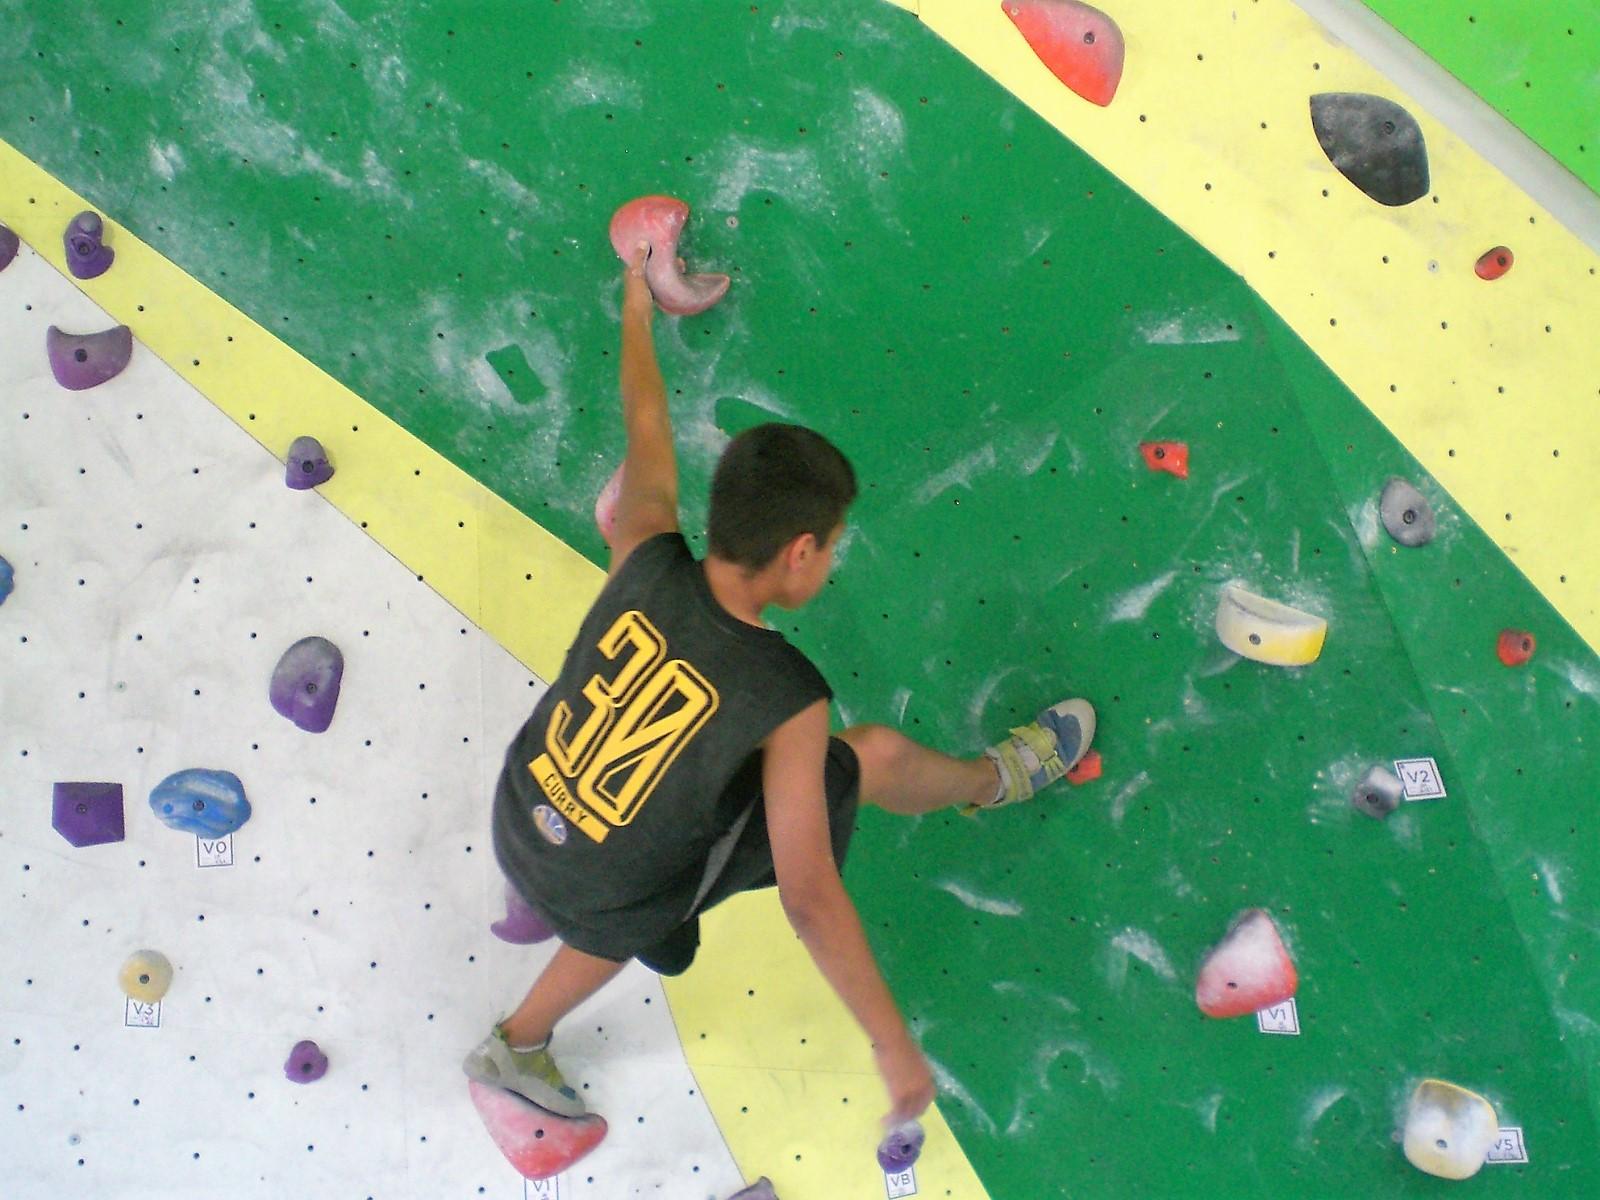 Climbing - Summer 2017